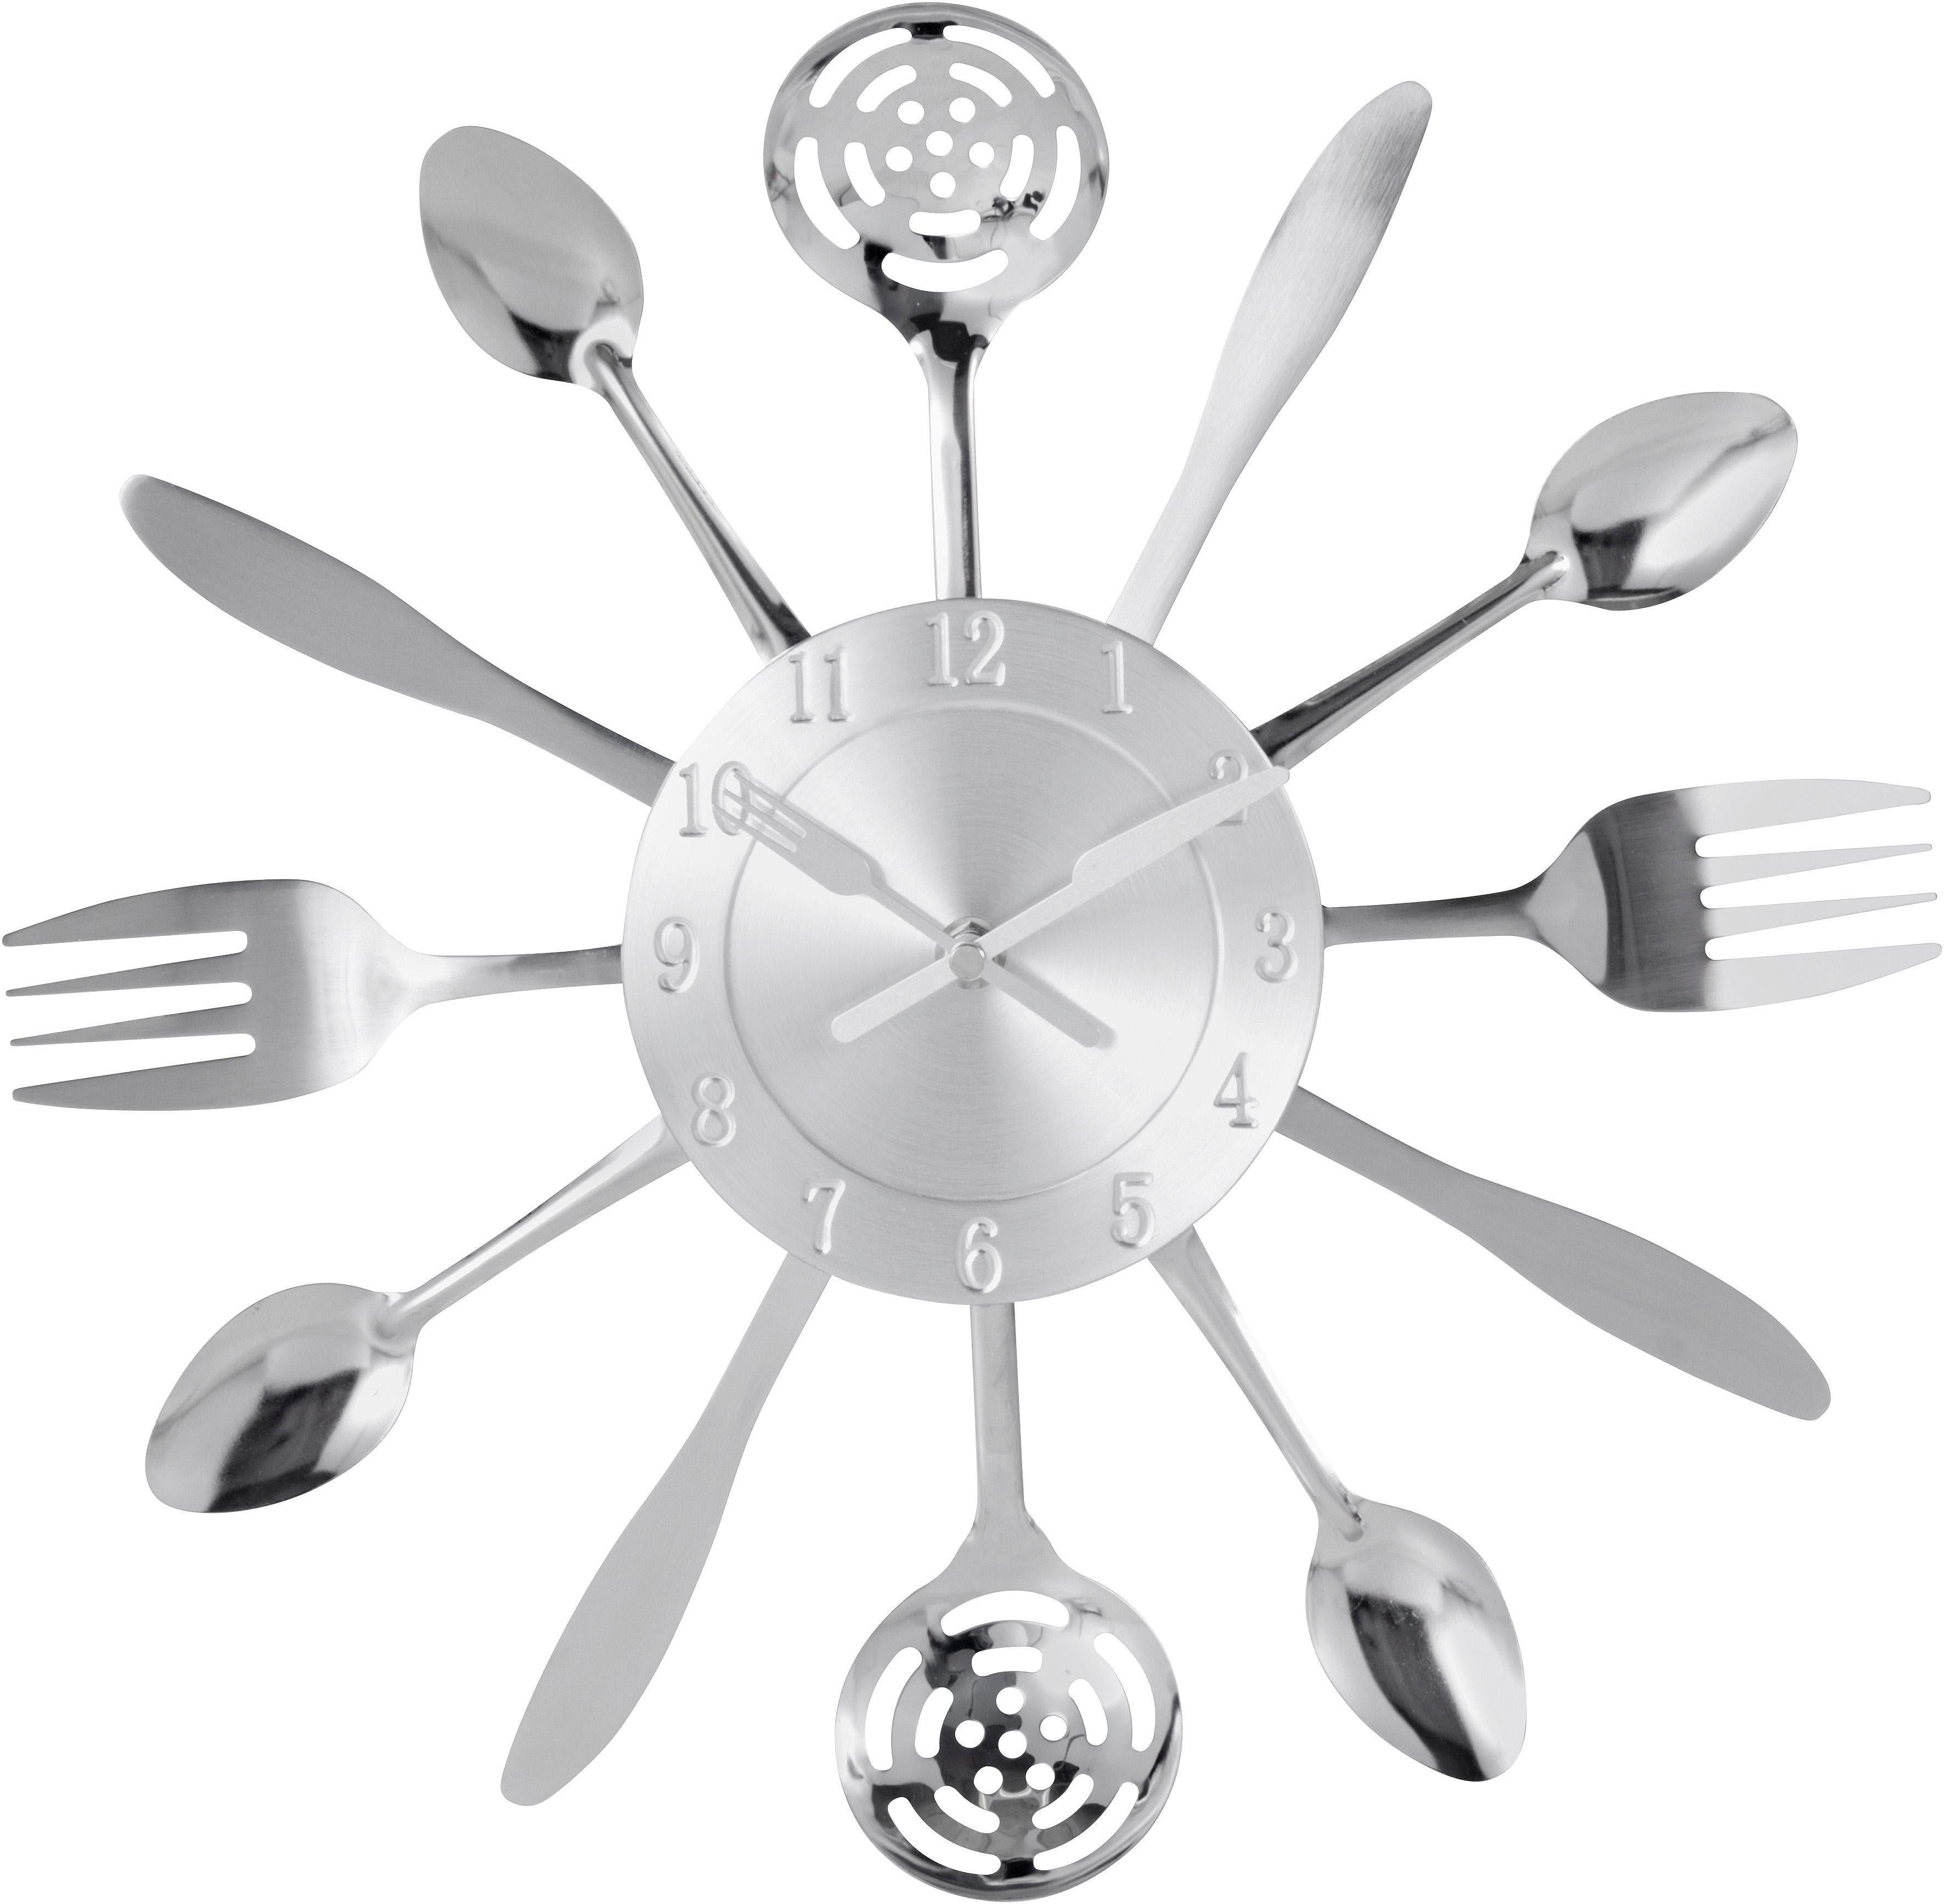 Home affaire Küchenuhr »Cutlery«